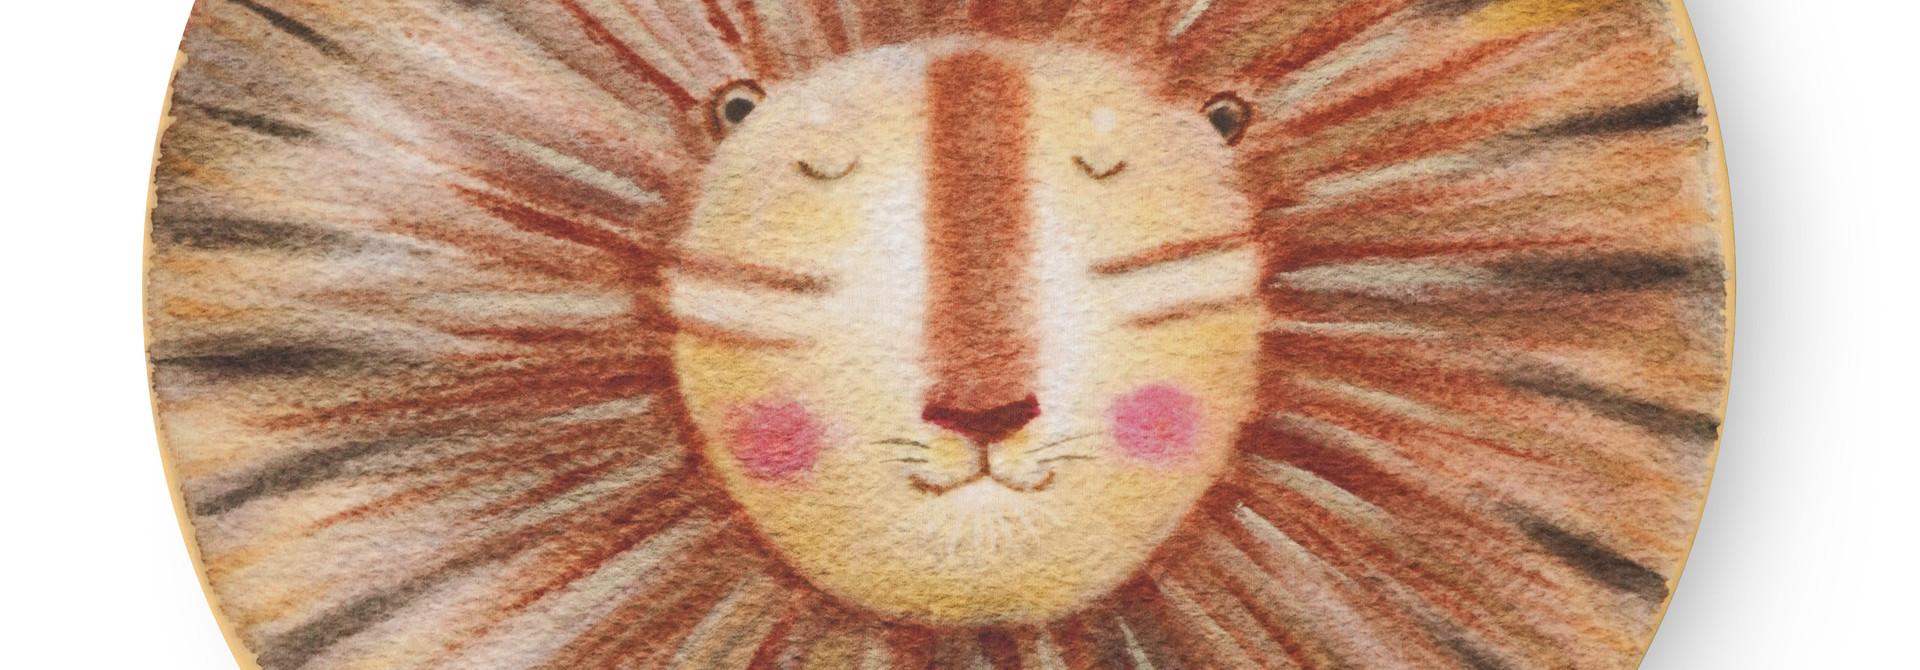 Sunny der Löwe